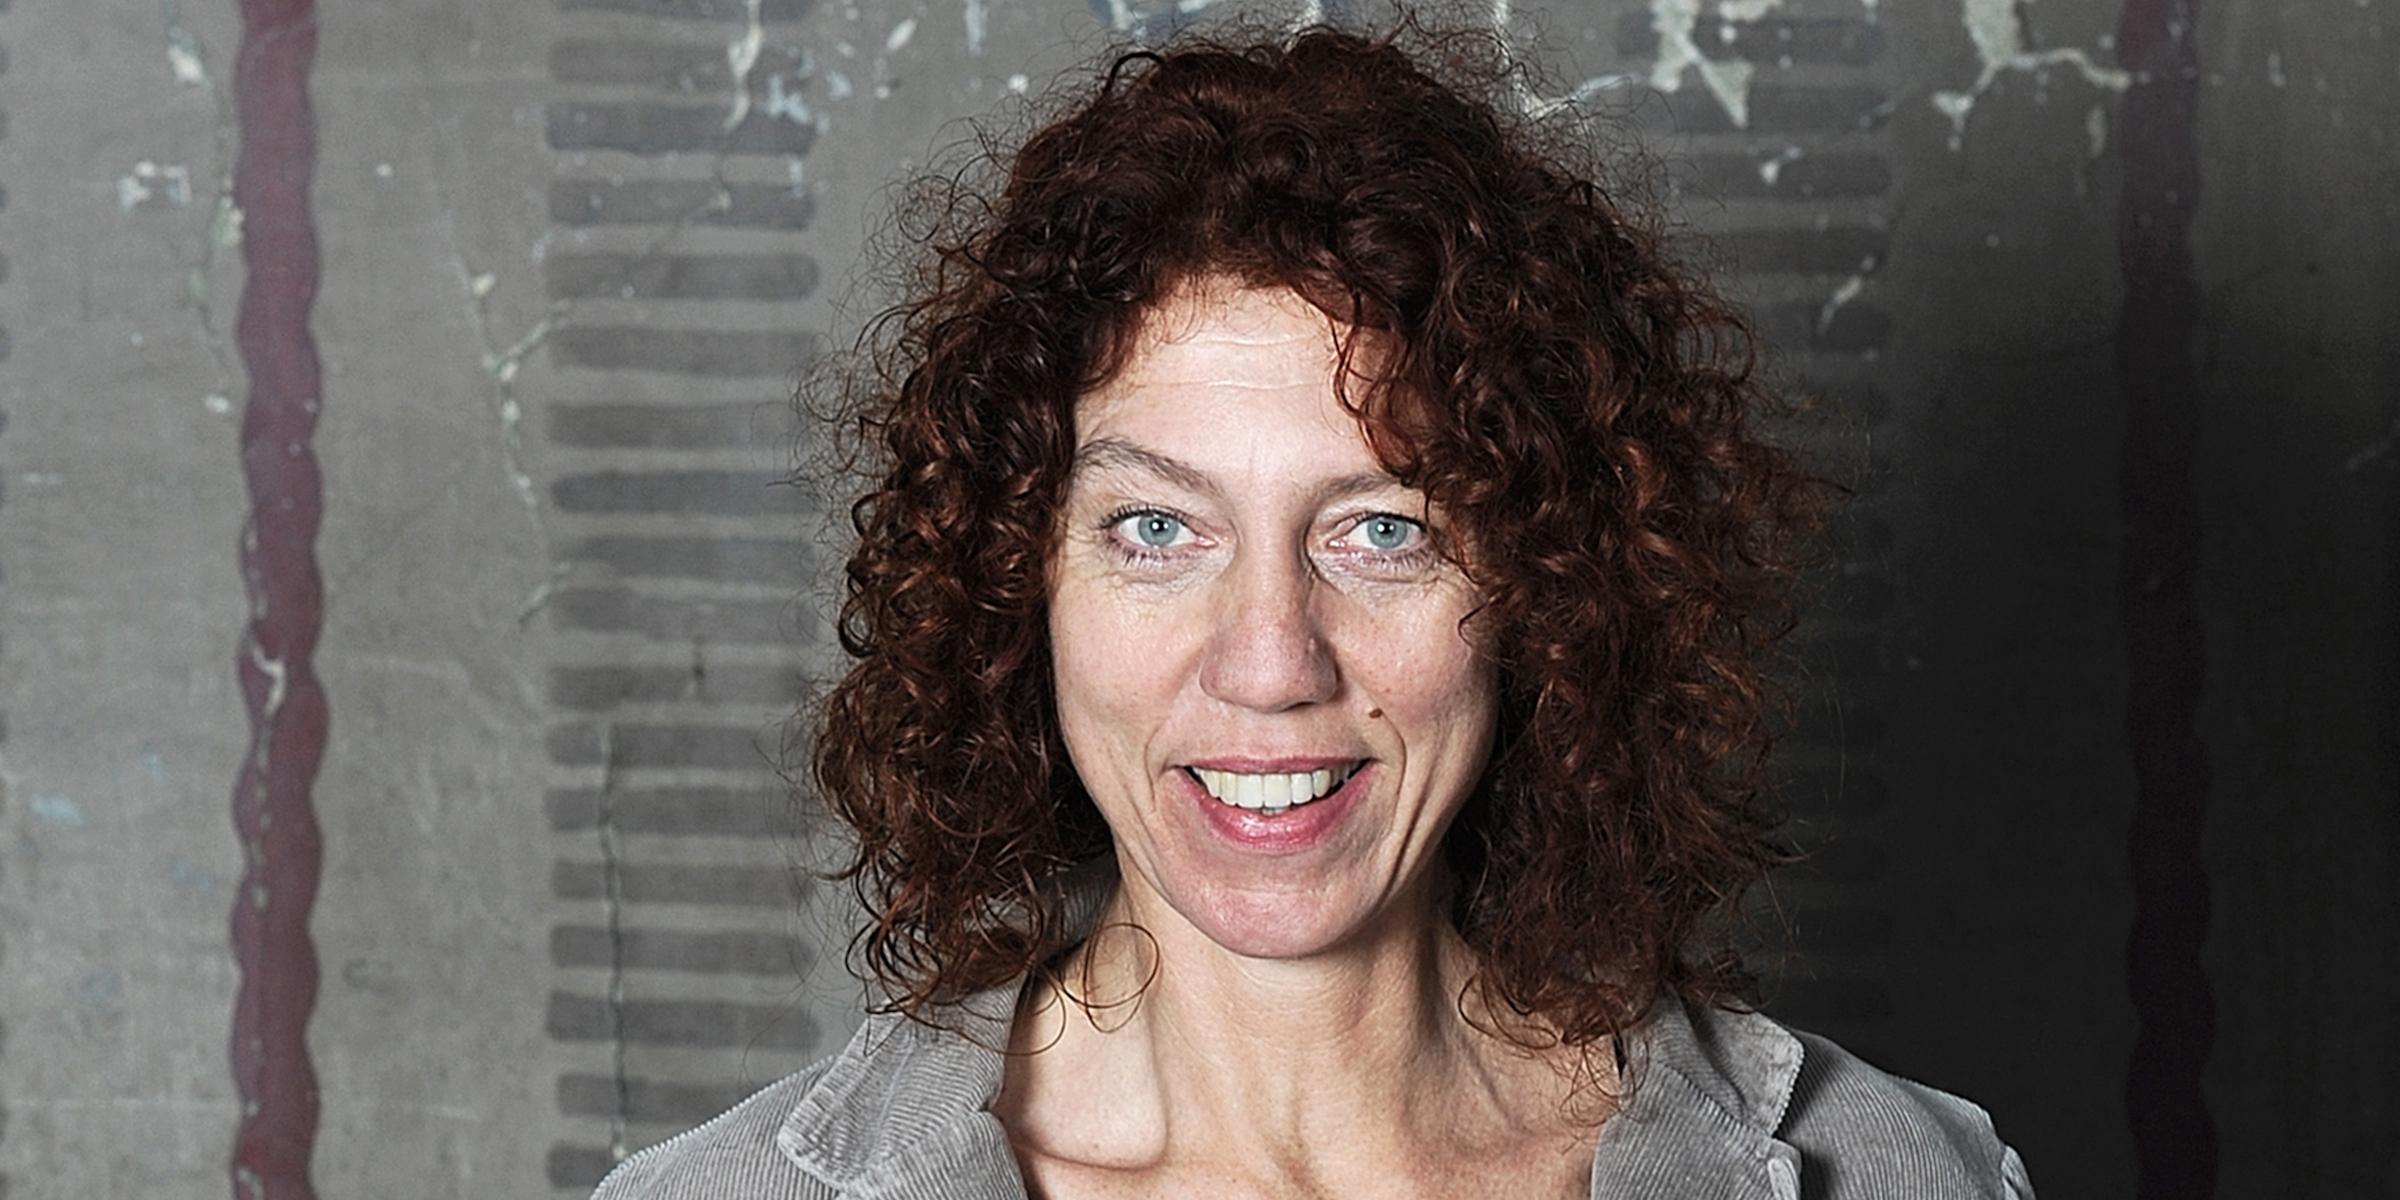 Porträts der Freien Bühne Wendland, Ursula Pehlke